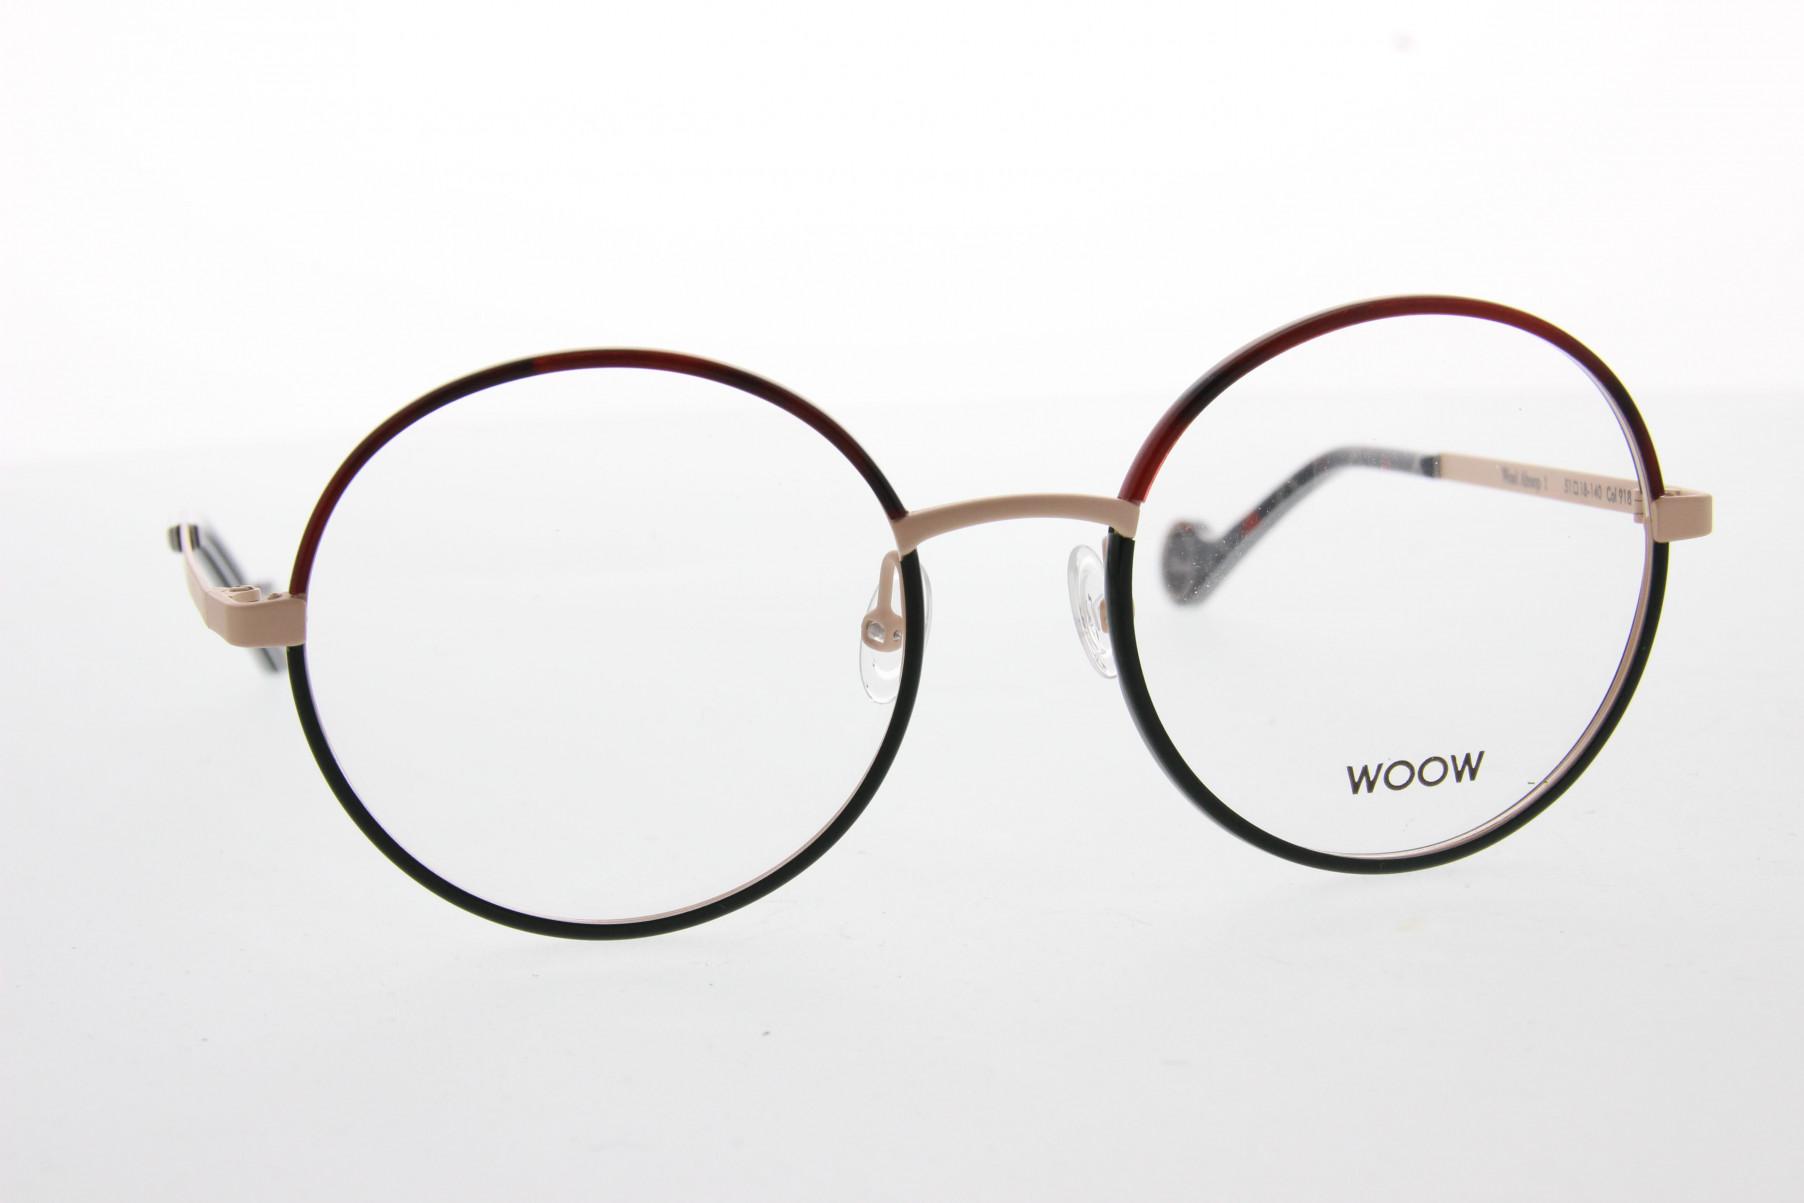 Ontdek de GOLD RUSH 1 COL TMO1 bril van Woow bij Brilart!